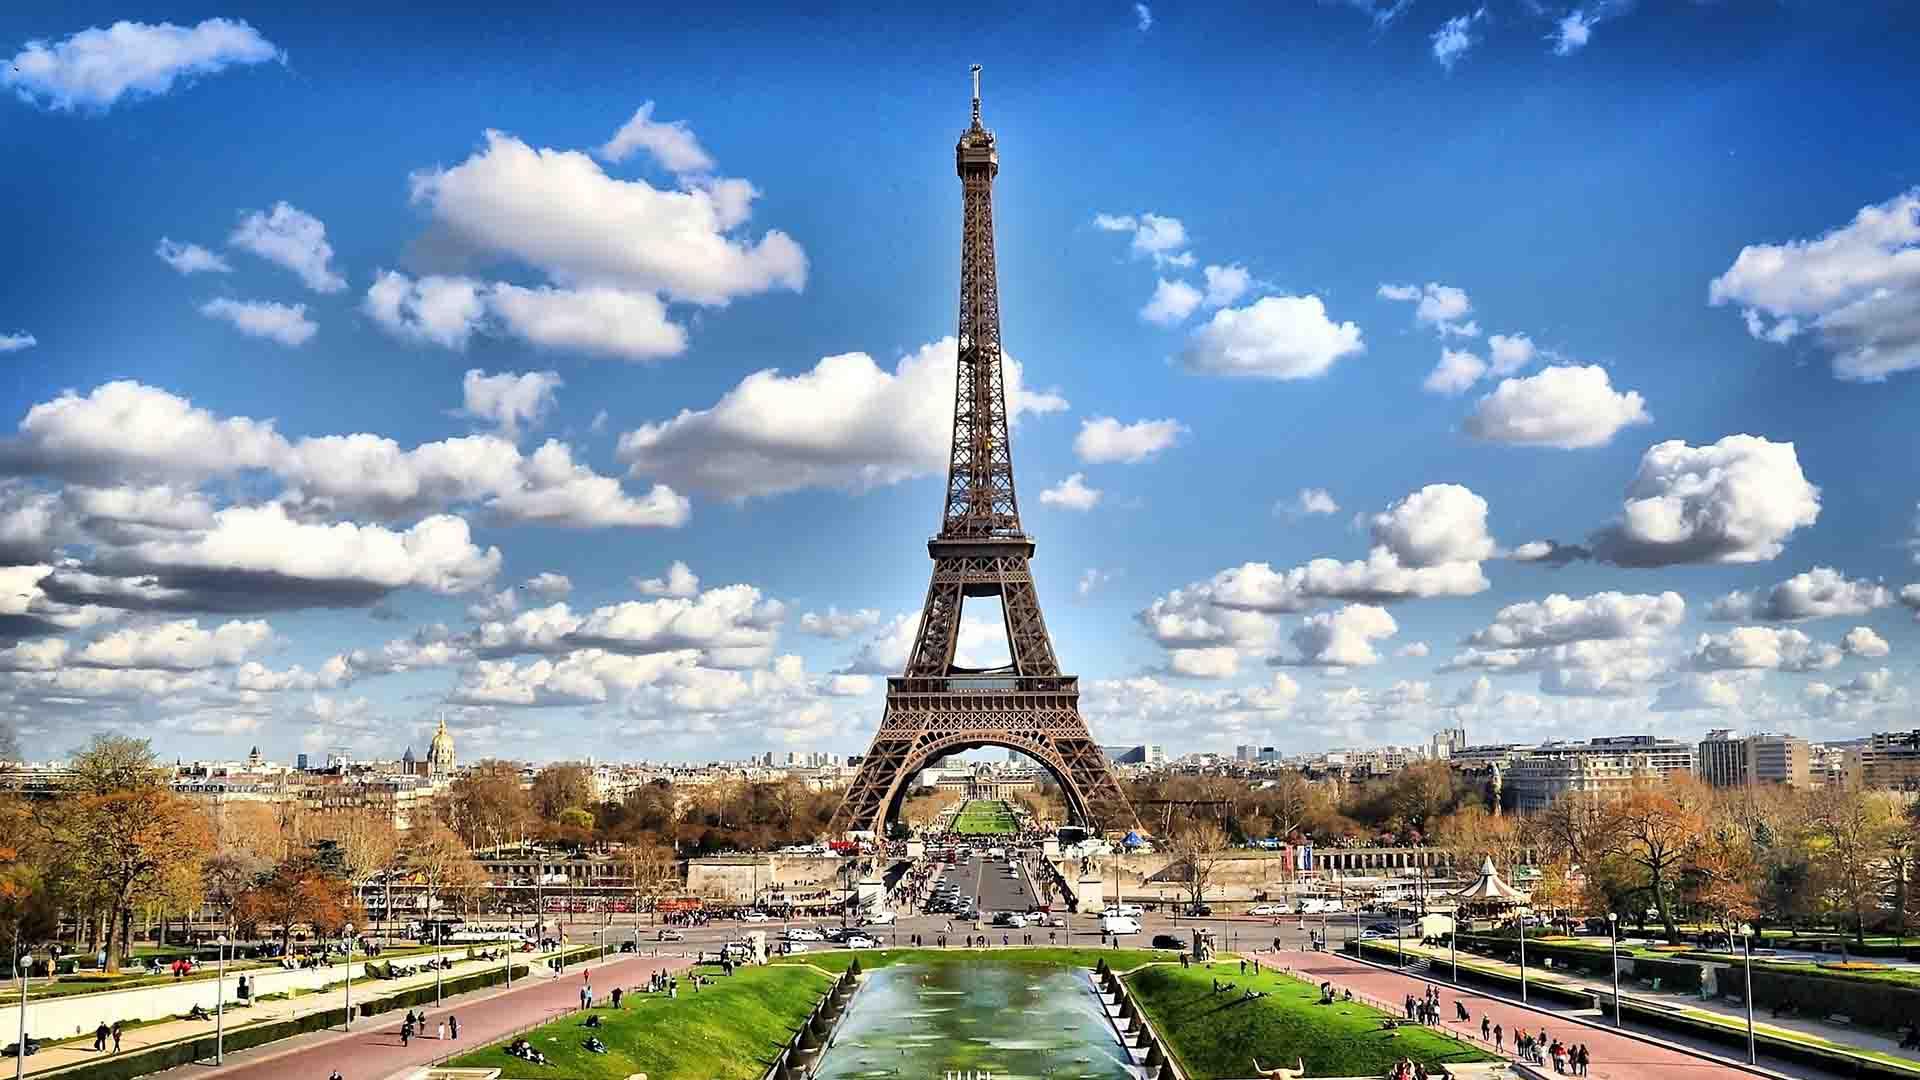 หอไอเฟล – Eiffel Tower Paris ประเทศฝรั่งเศส –  แนะนำสถานที่ท่องเที่ยวด้านศิลปะ สถาปัตยกรรม รอบโลก